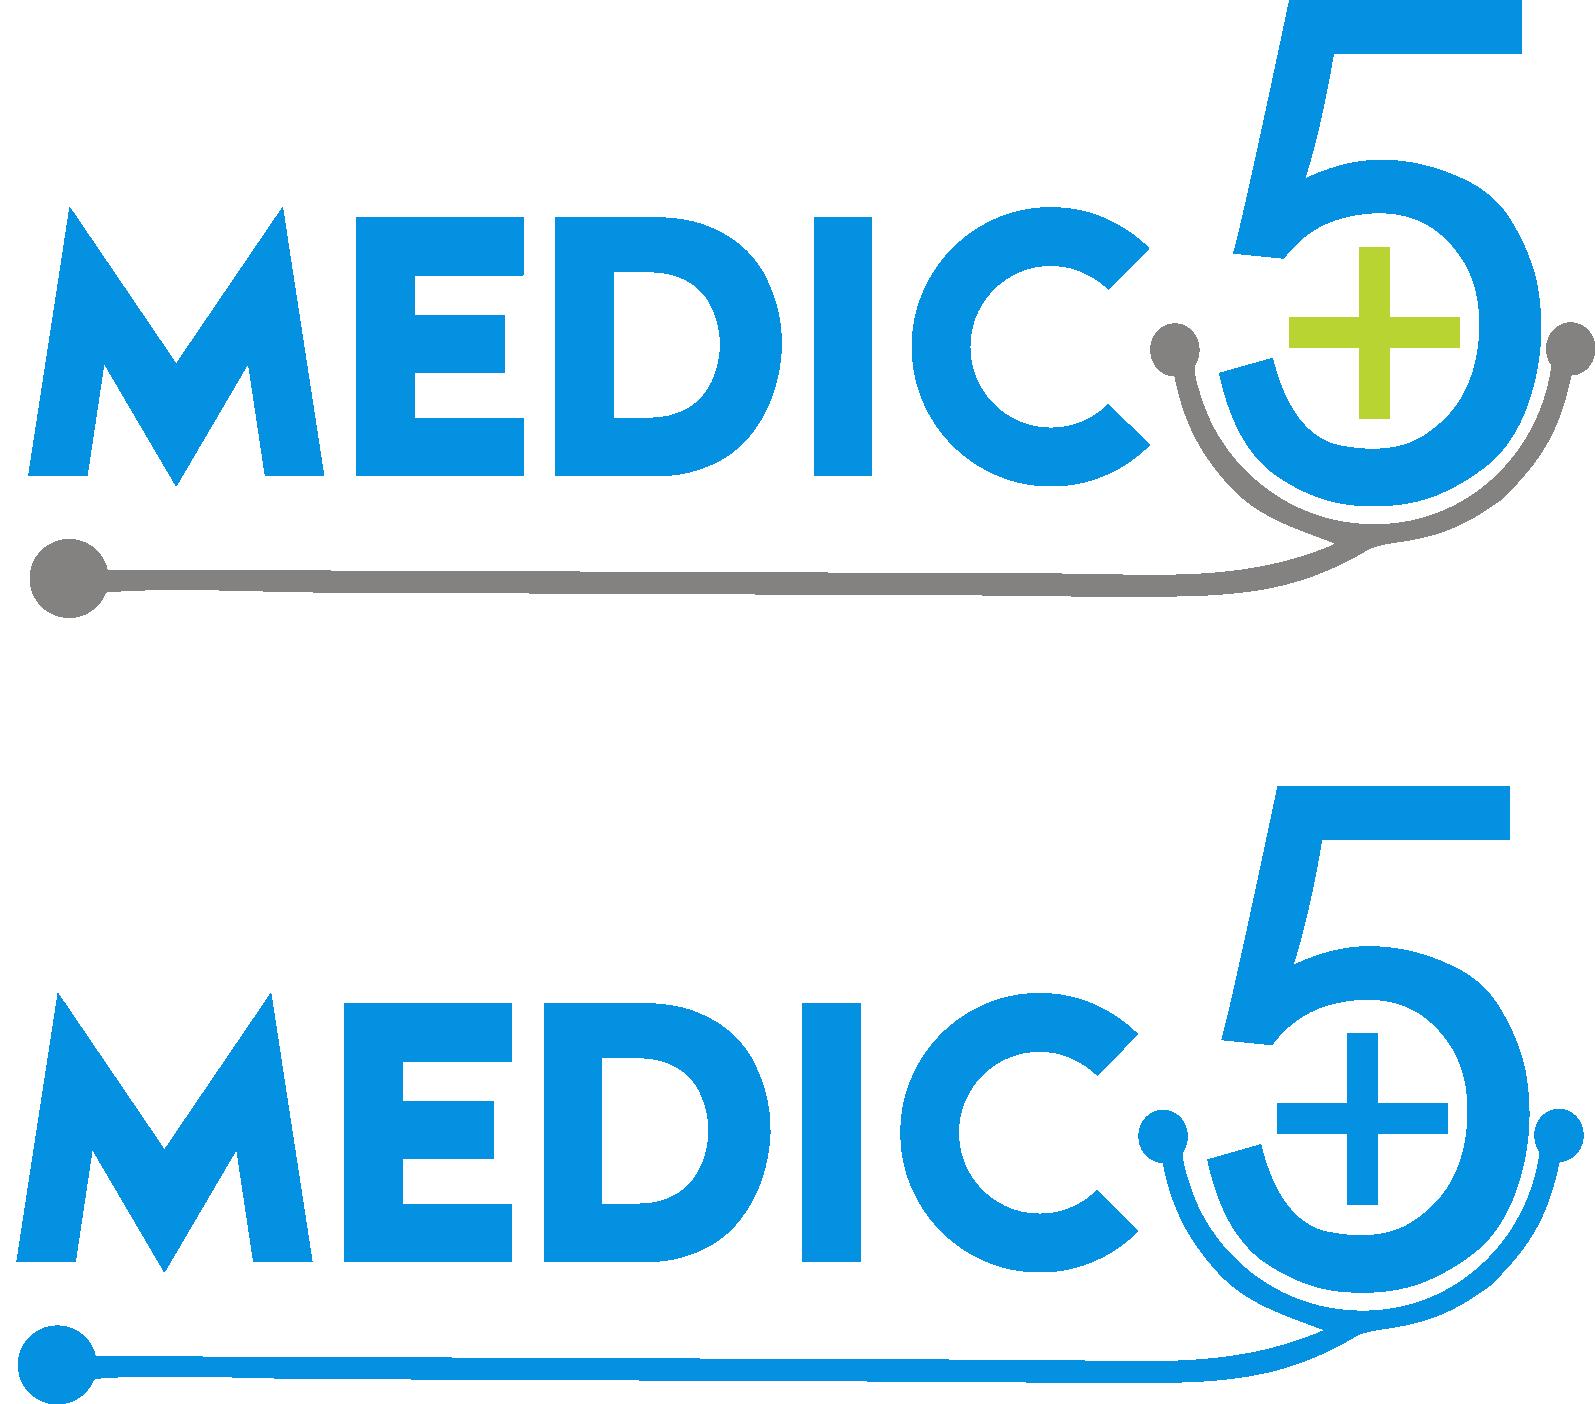 Готовый логотип или эскиз (мед. тематика) фото f_47055ae8c108b0ca.png